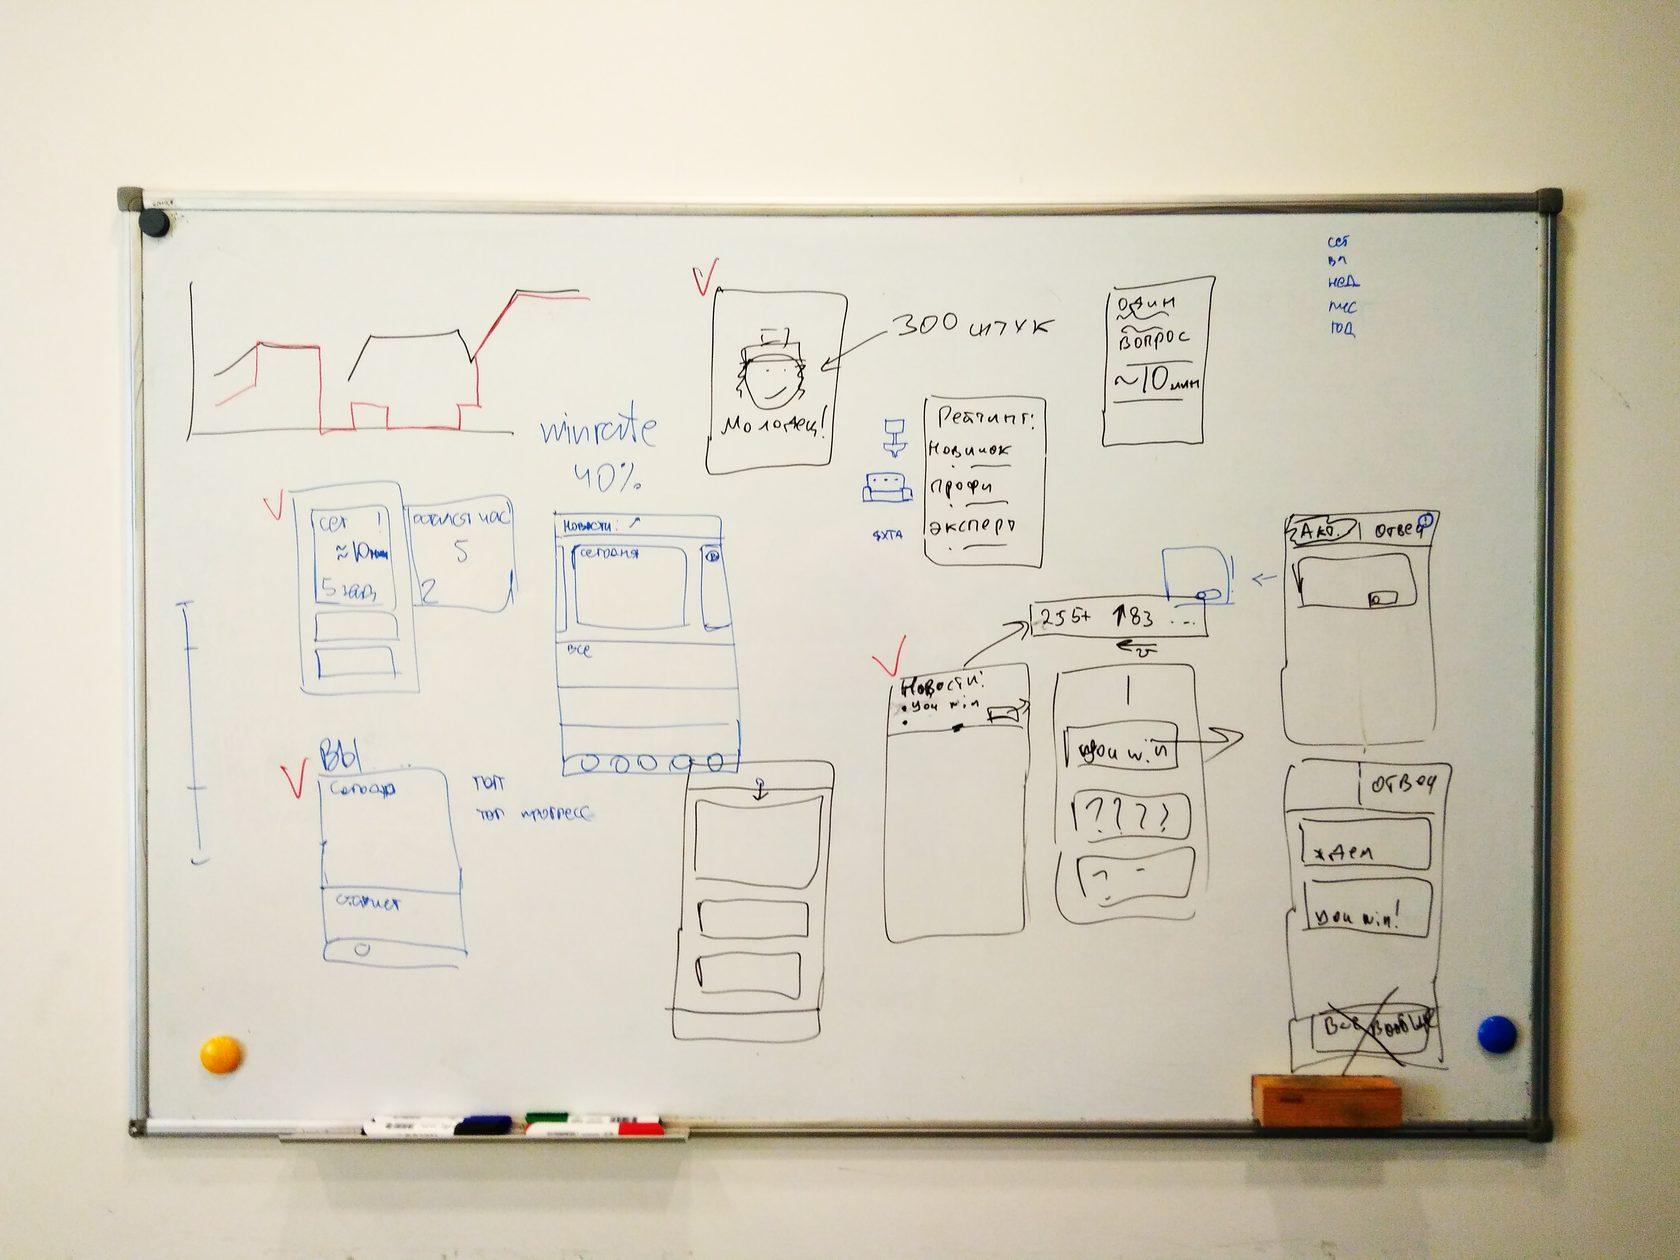 Рисуем новую концепцию приложения | SobakaPav.ru